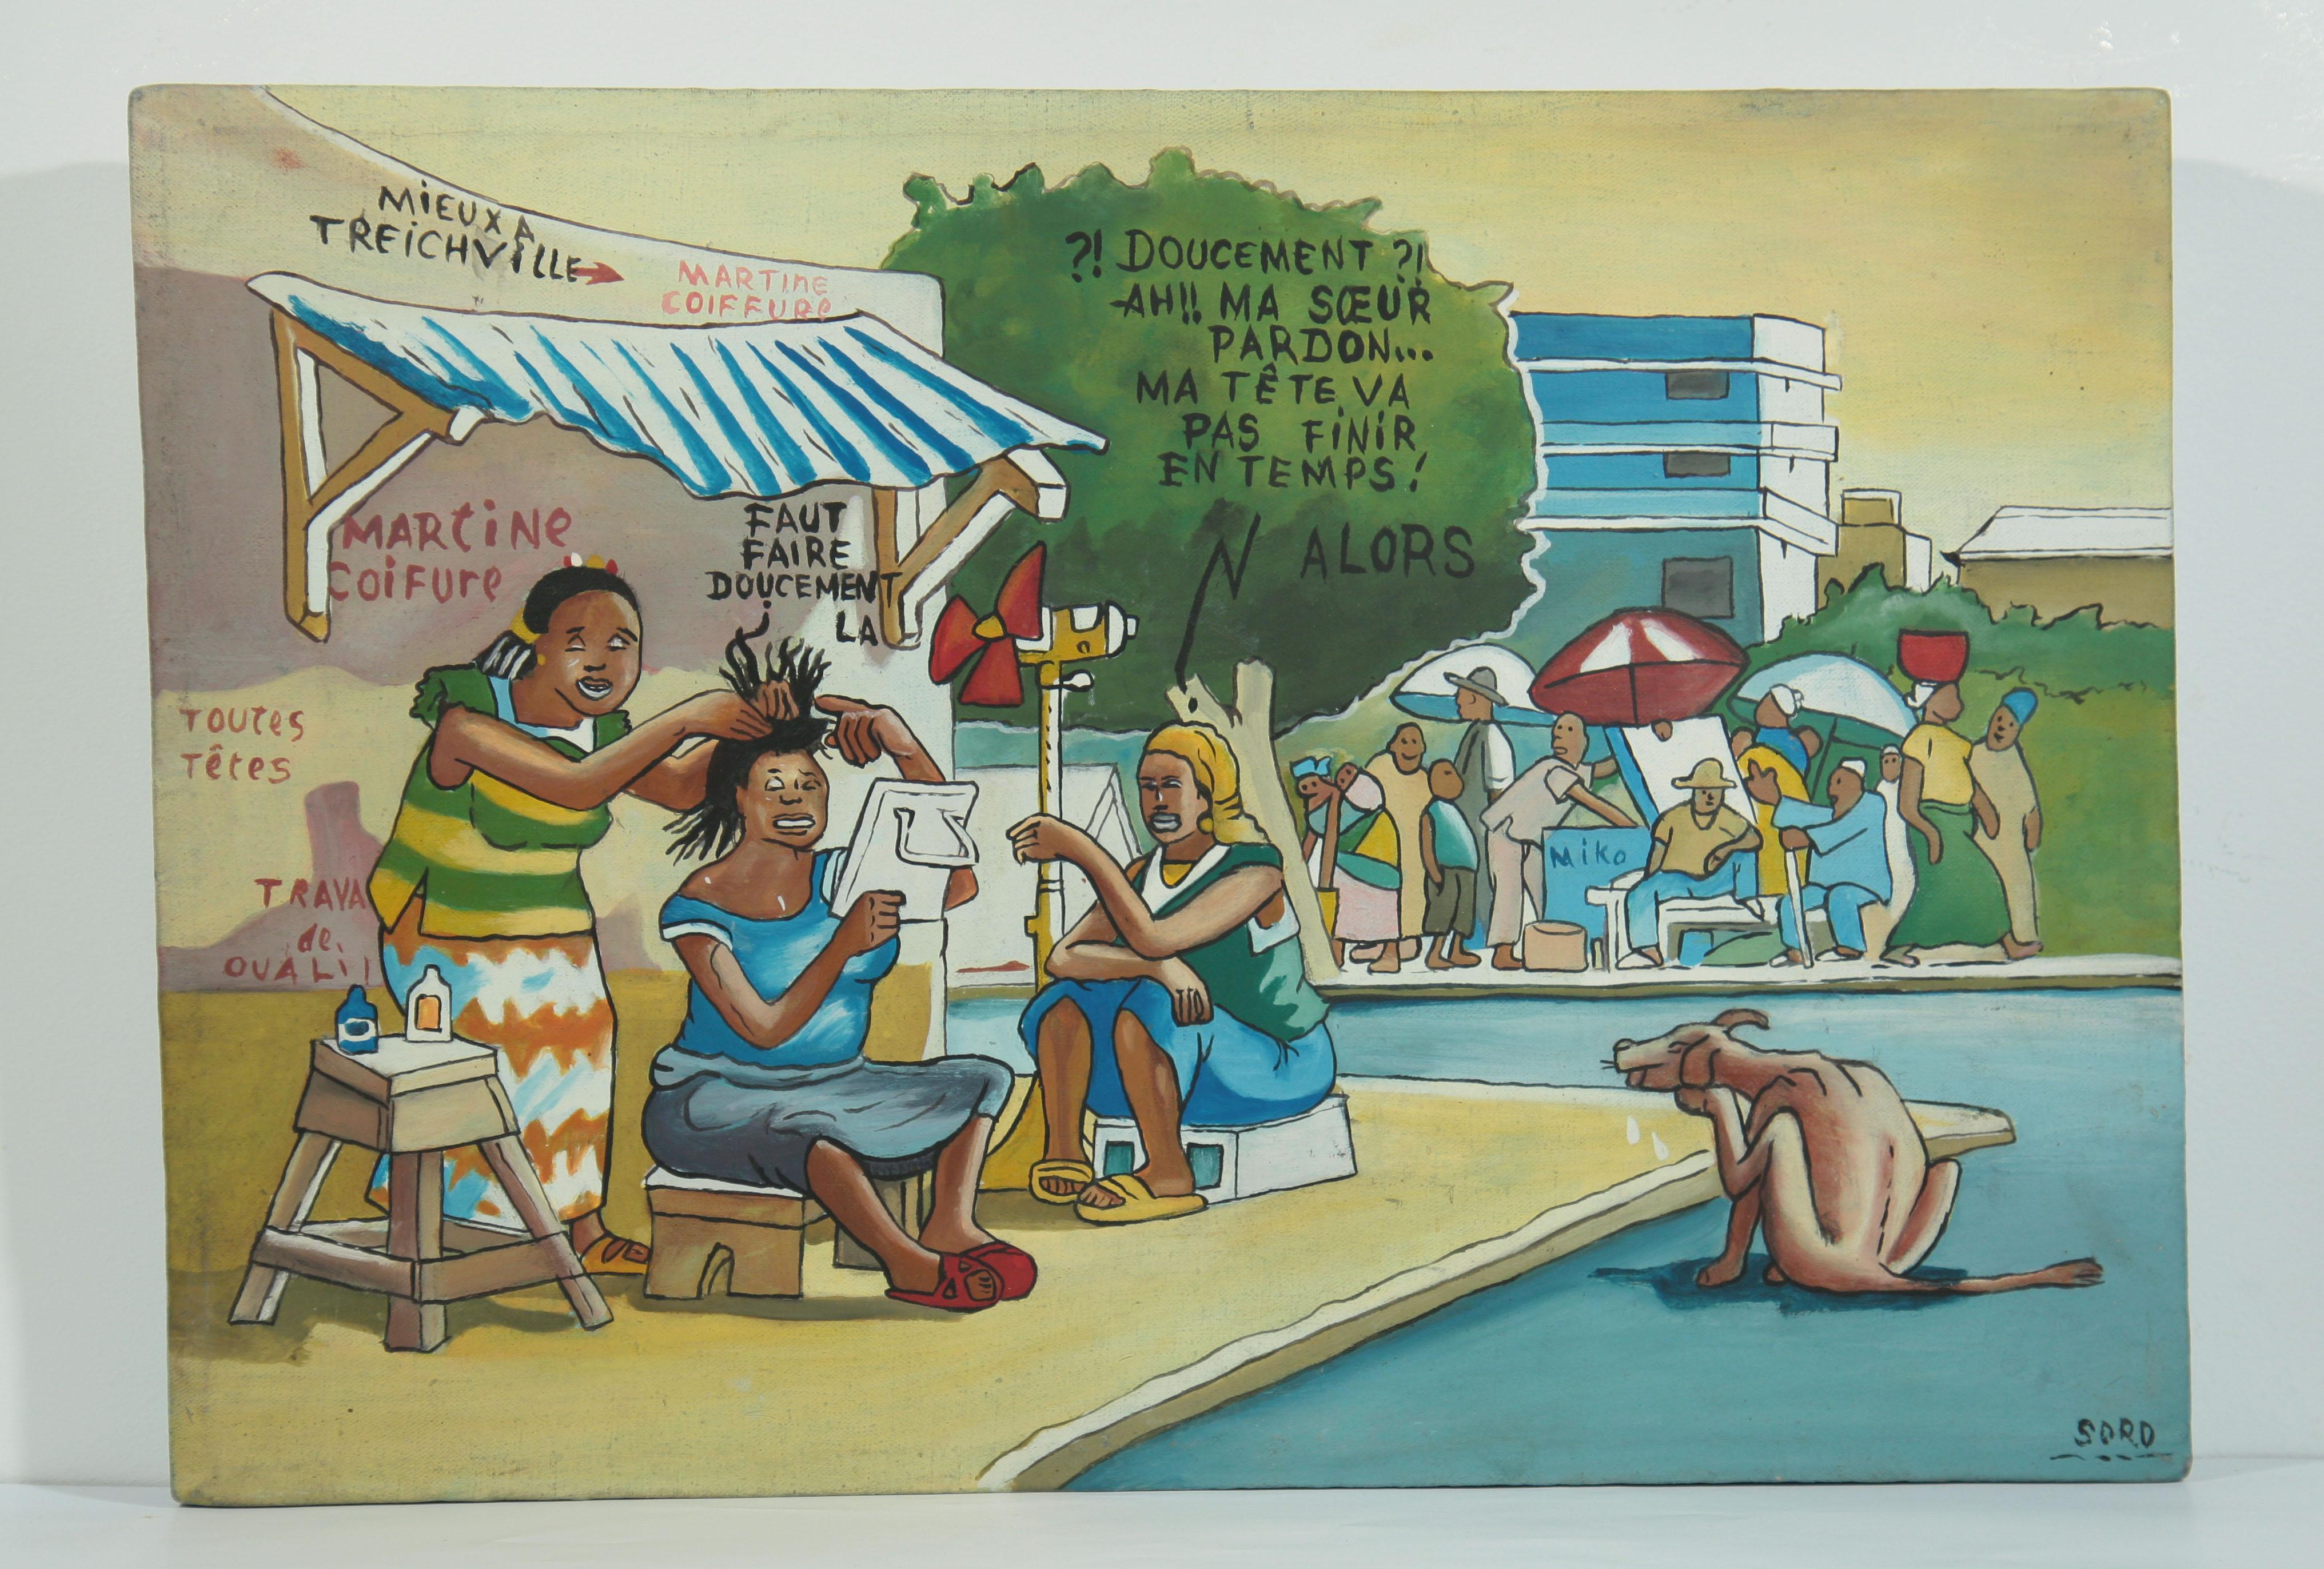 Soro artiste peintre africain de c te d 39 ivoire bon maquis chez la coiffeuse galerie art - Cote d un artiste peintre ...